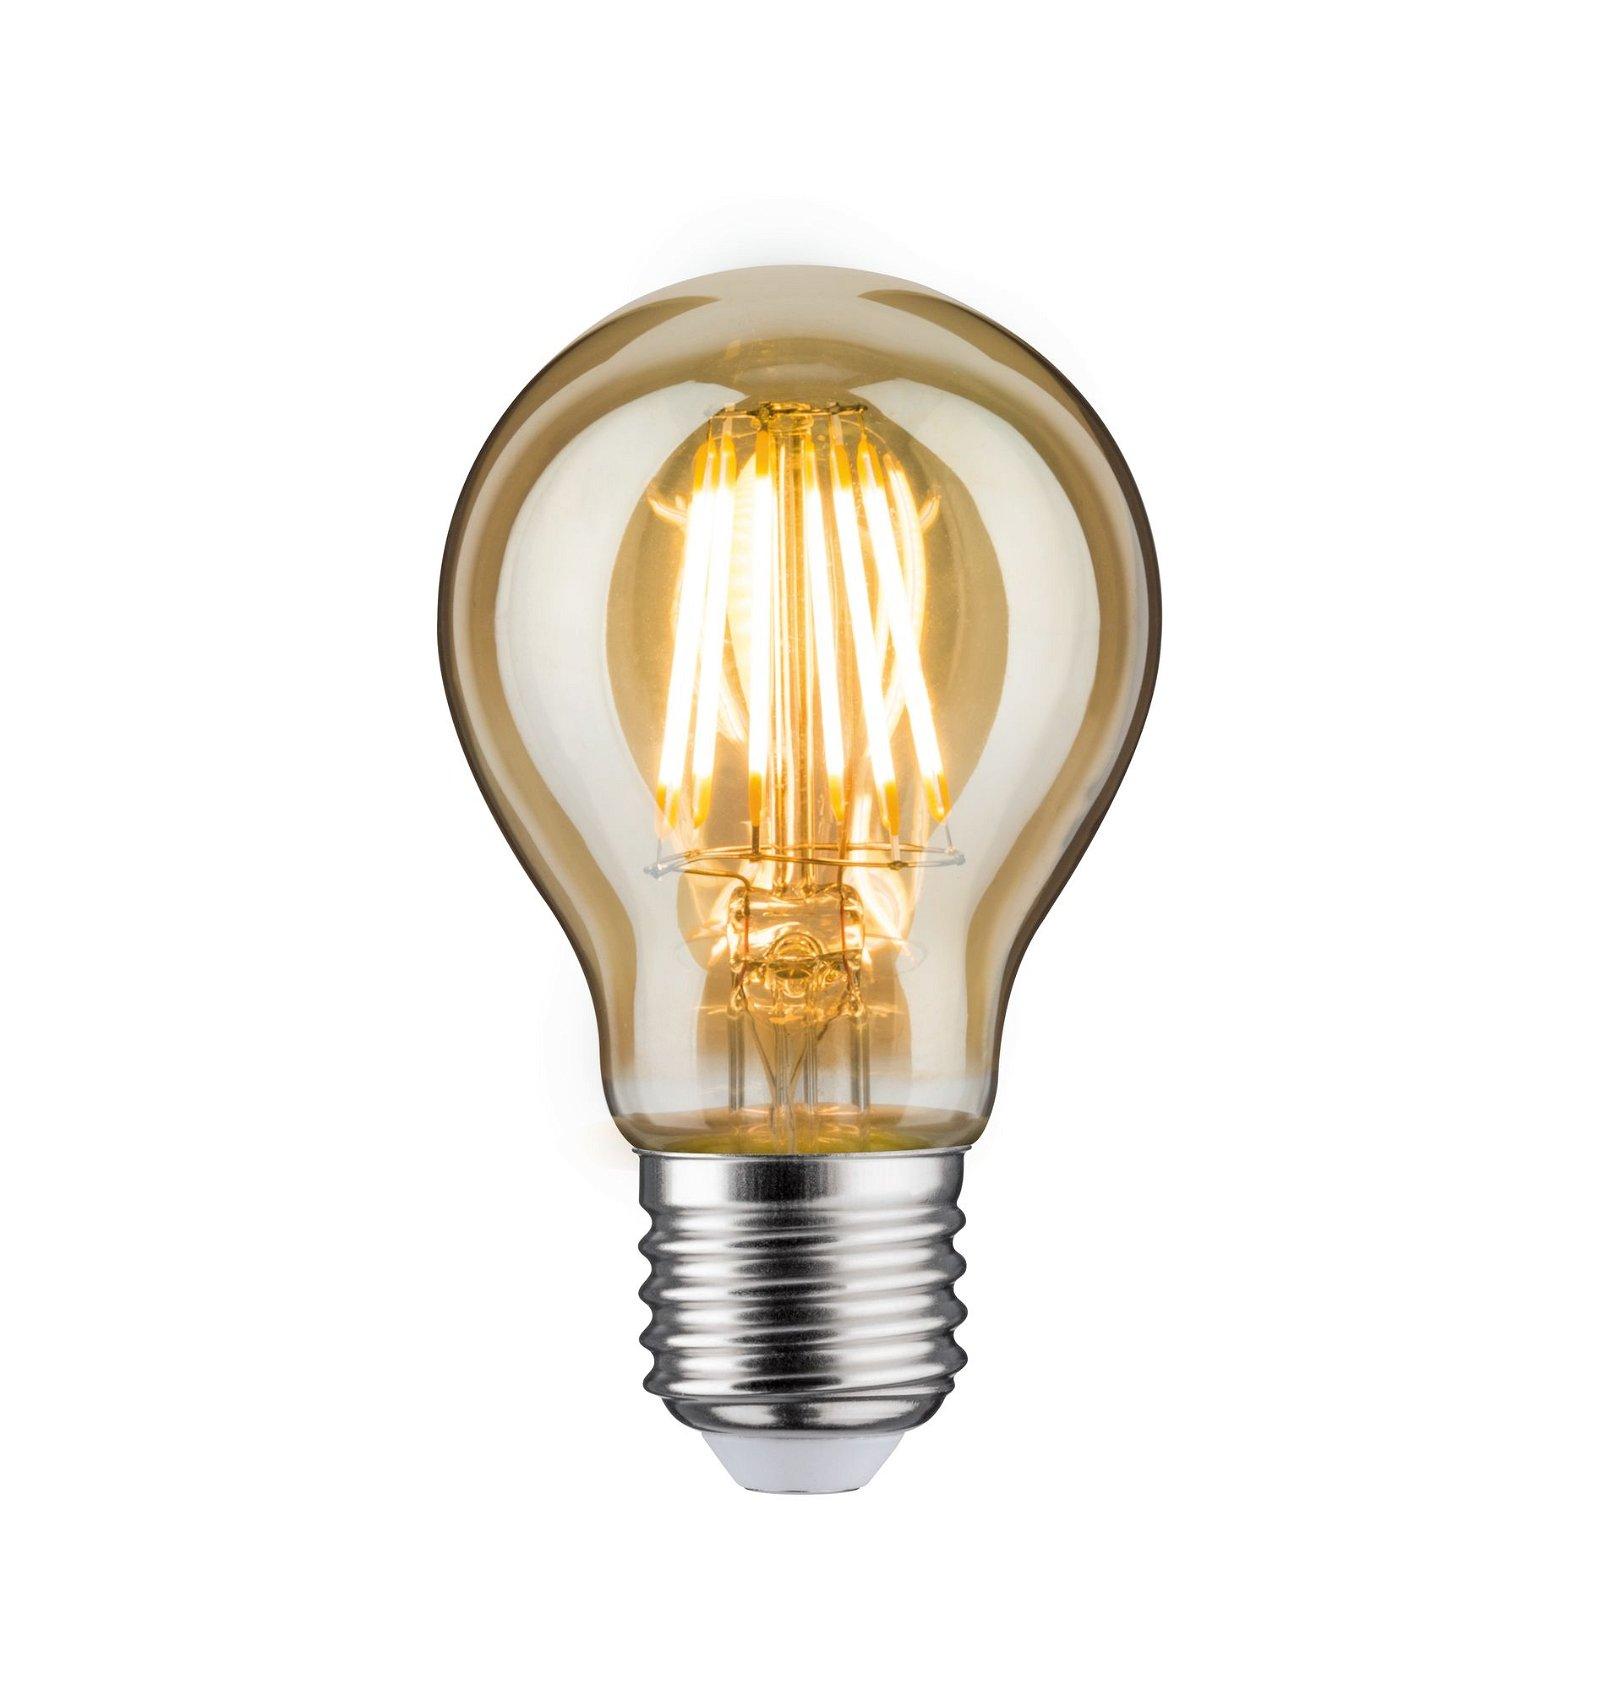 1879 Ampoule LED E27 230V 500lm 6W 1700K Doré